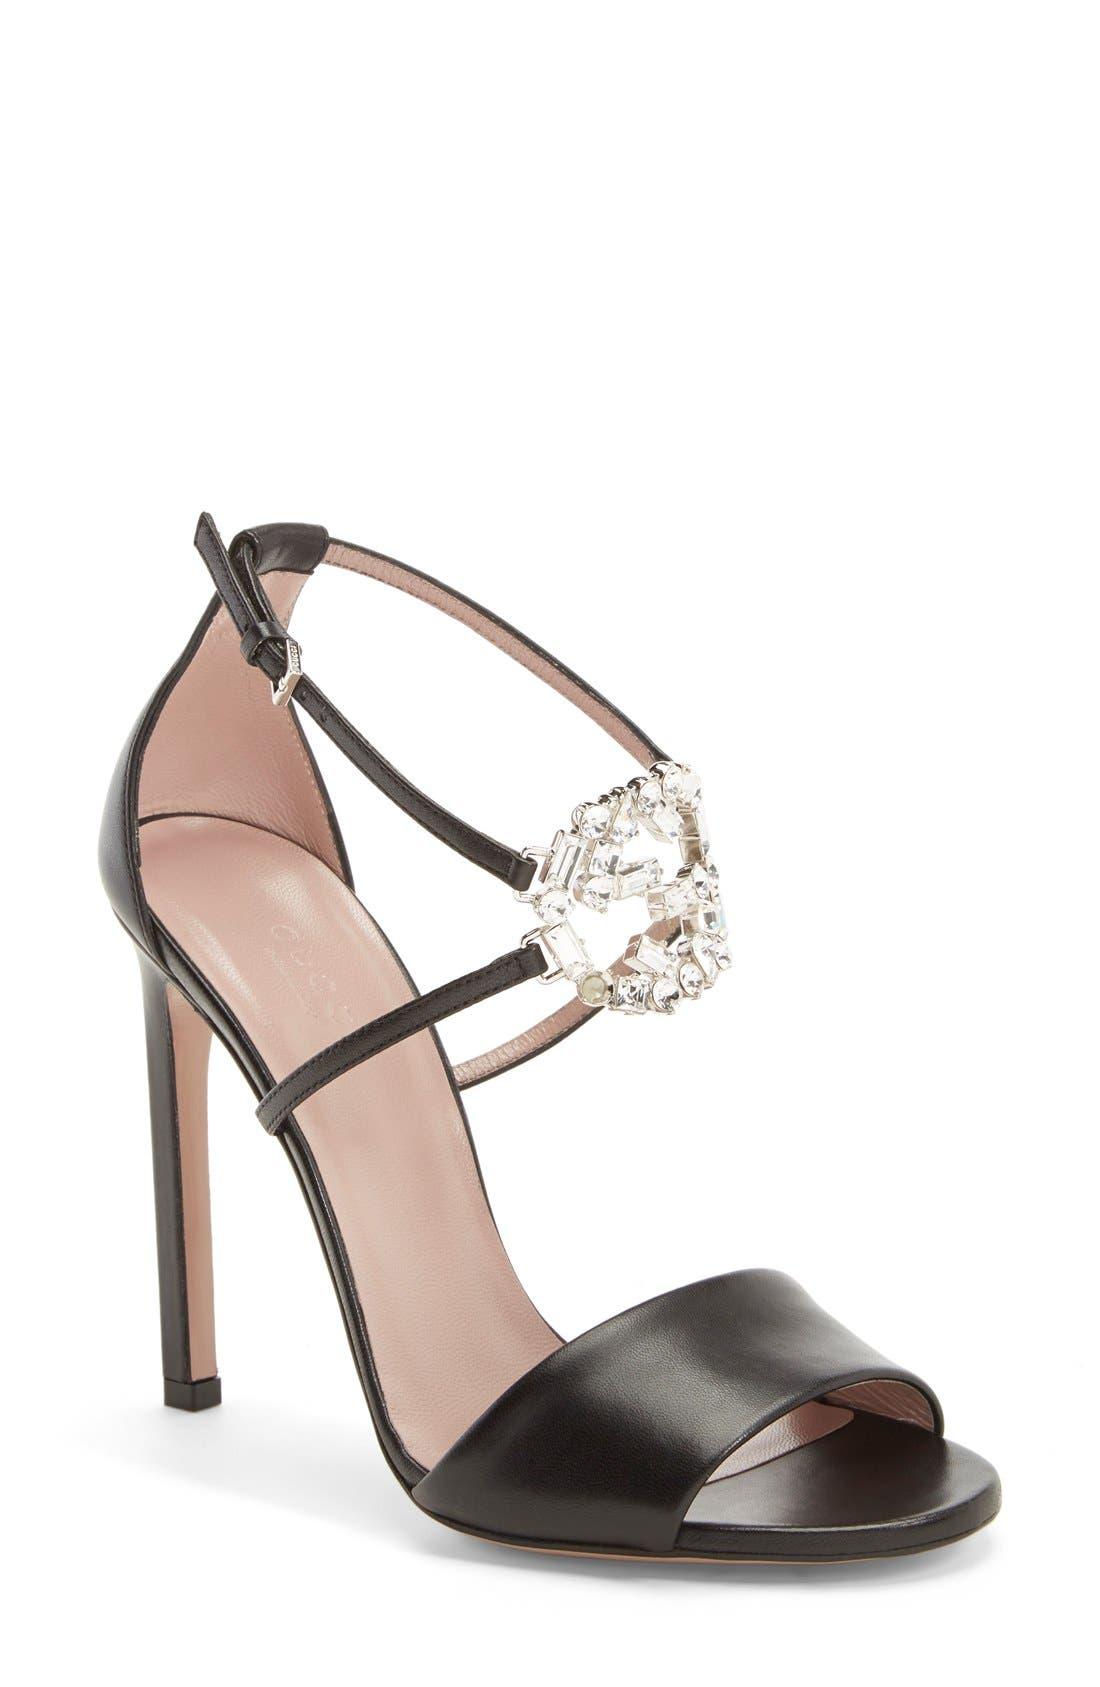 Main Image - Gucci 'GG' Logo Ankle Strap Sandal (Women)